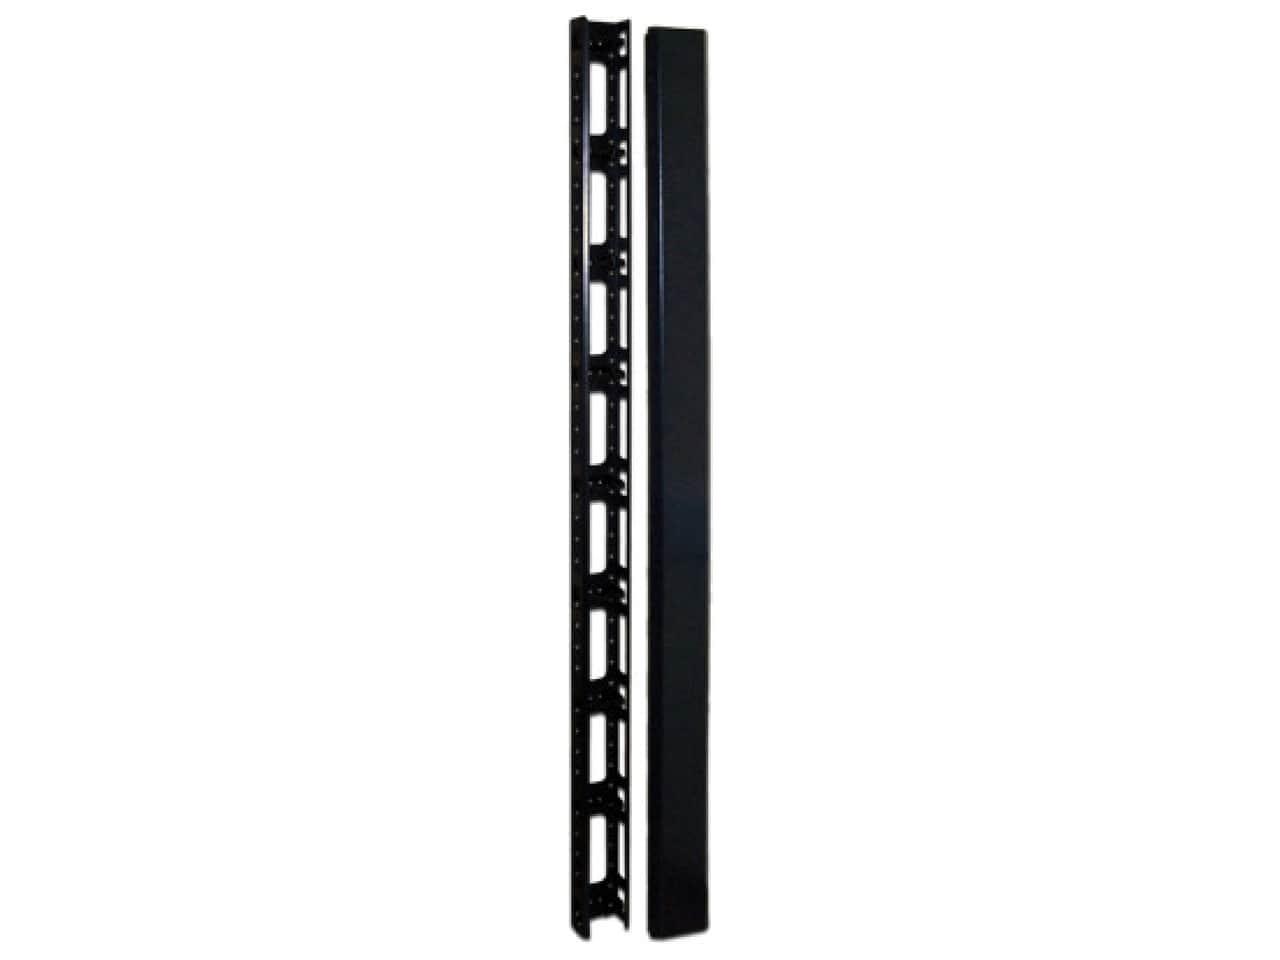 Вертикальные кабельные органайзеры для серверных шкафов